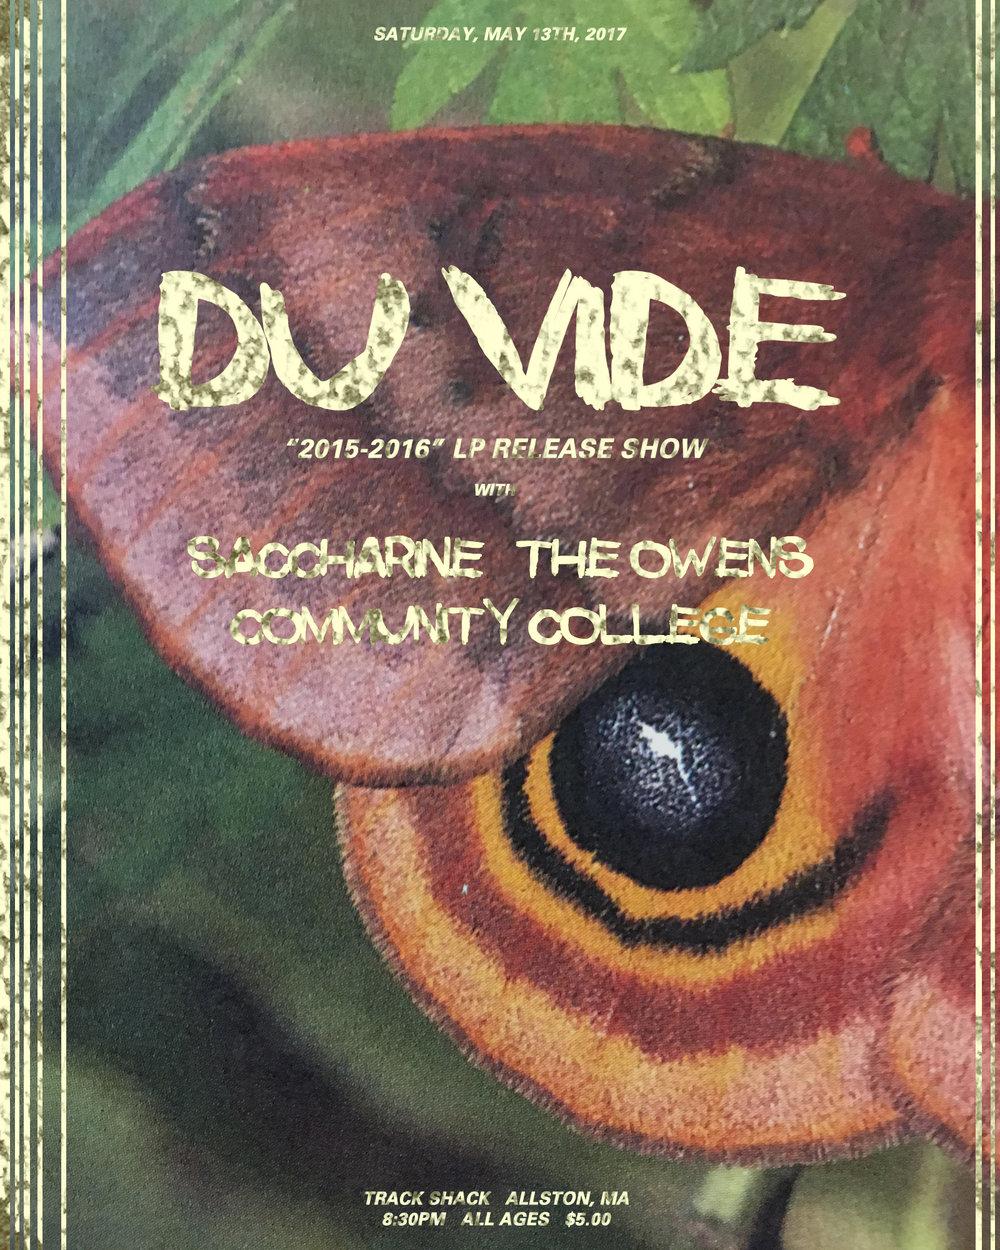 Flyer-DuVide513-Sidebars copy.jpg